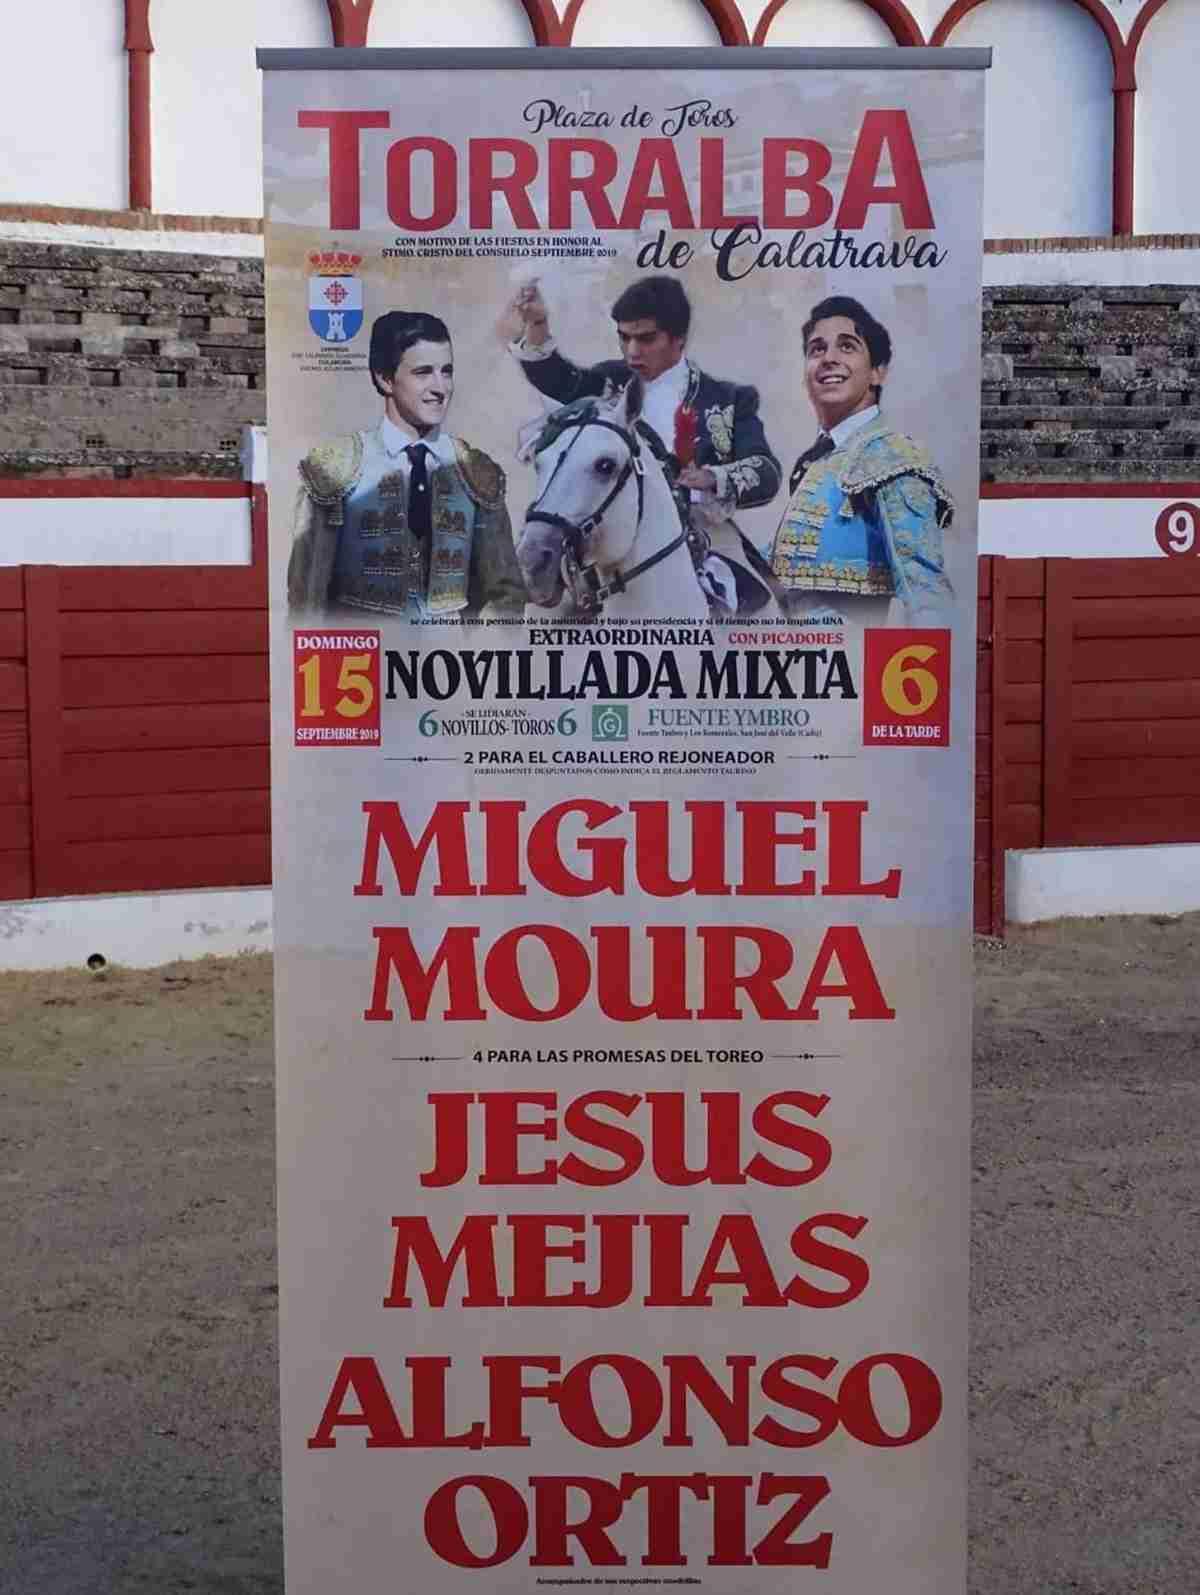 Los novilleros Jesús Mejías y Alfonso Ortiz y el rejoneador Miguel Moura estarán en el cartel taurino de Torralba de Calatrava 2